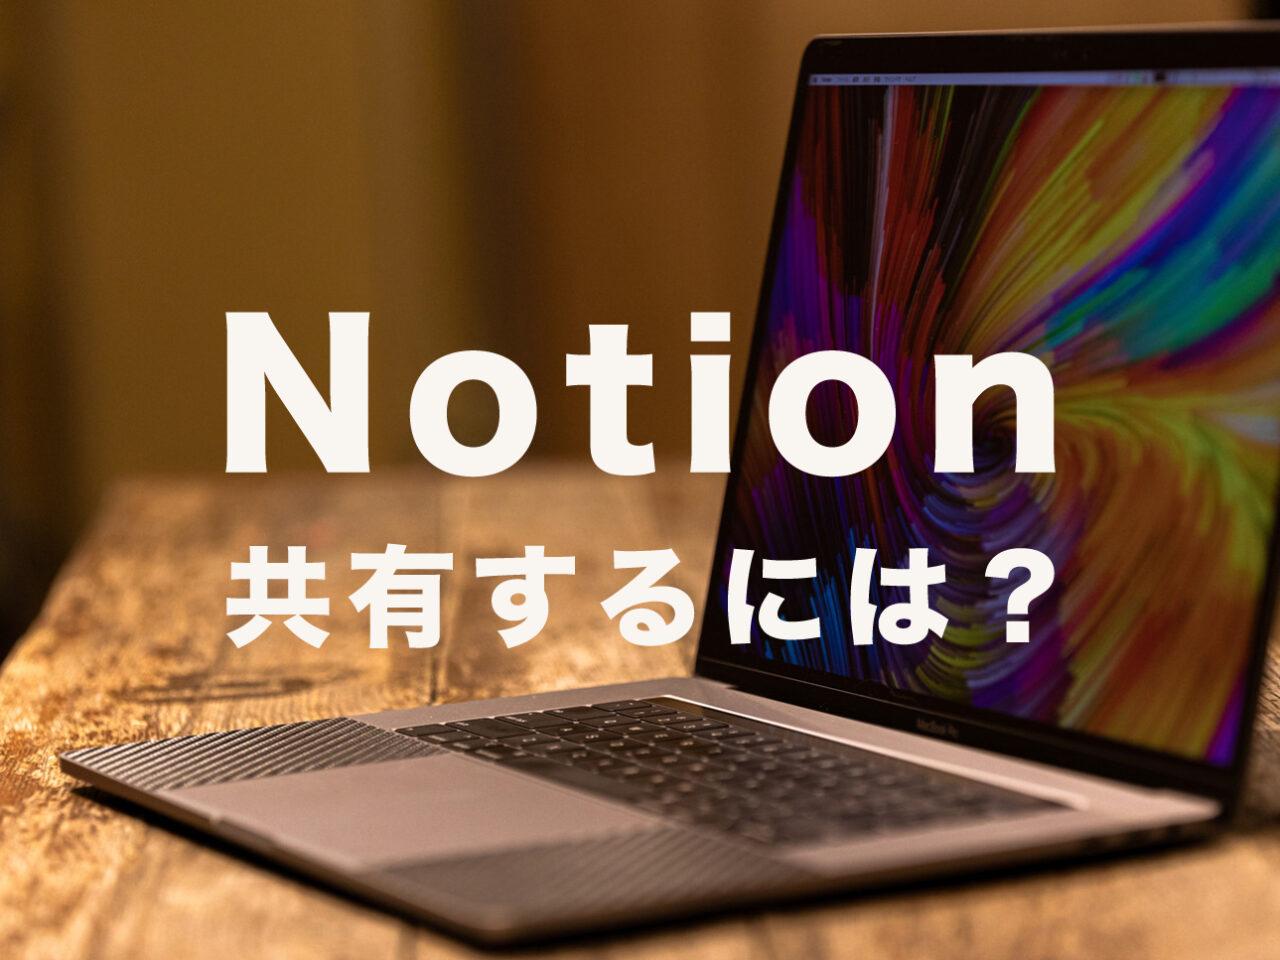 Notion(ノーション)で共有はアカウントなしの相手にもできる?のサムネイル画像